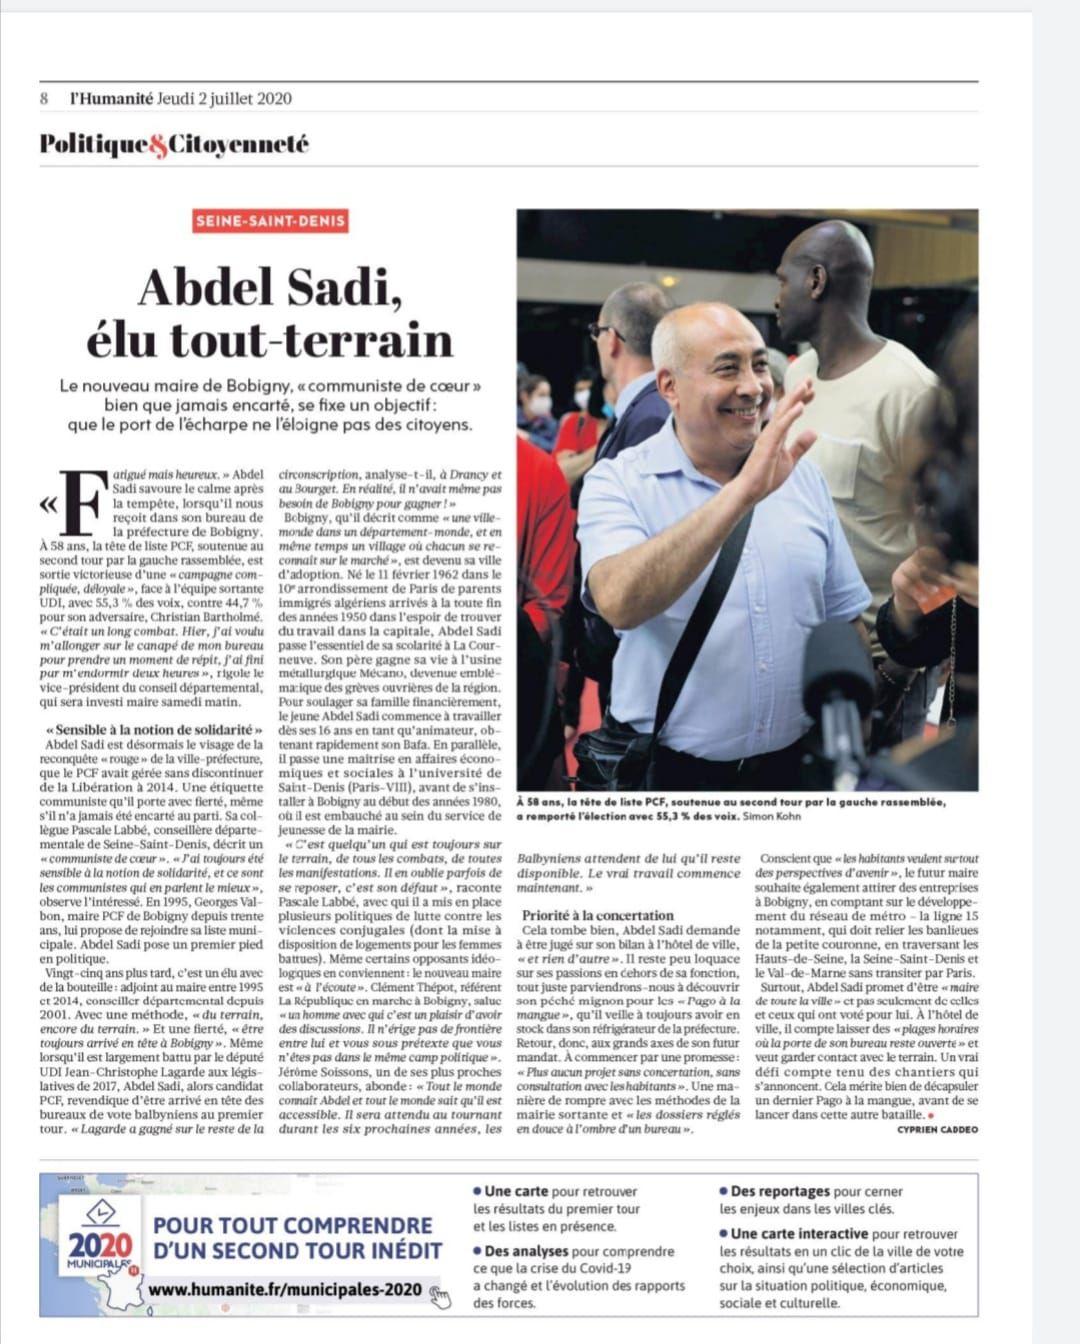 Seine-Saint-Denis. Abdel Sadi, élu communiste tout-terrain à Bobigny - L'Humanité, Cyprien Caddeo, 2 juillet 2020